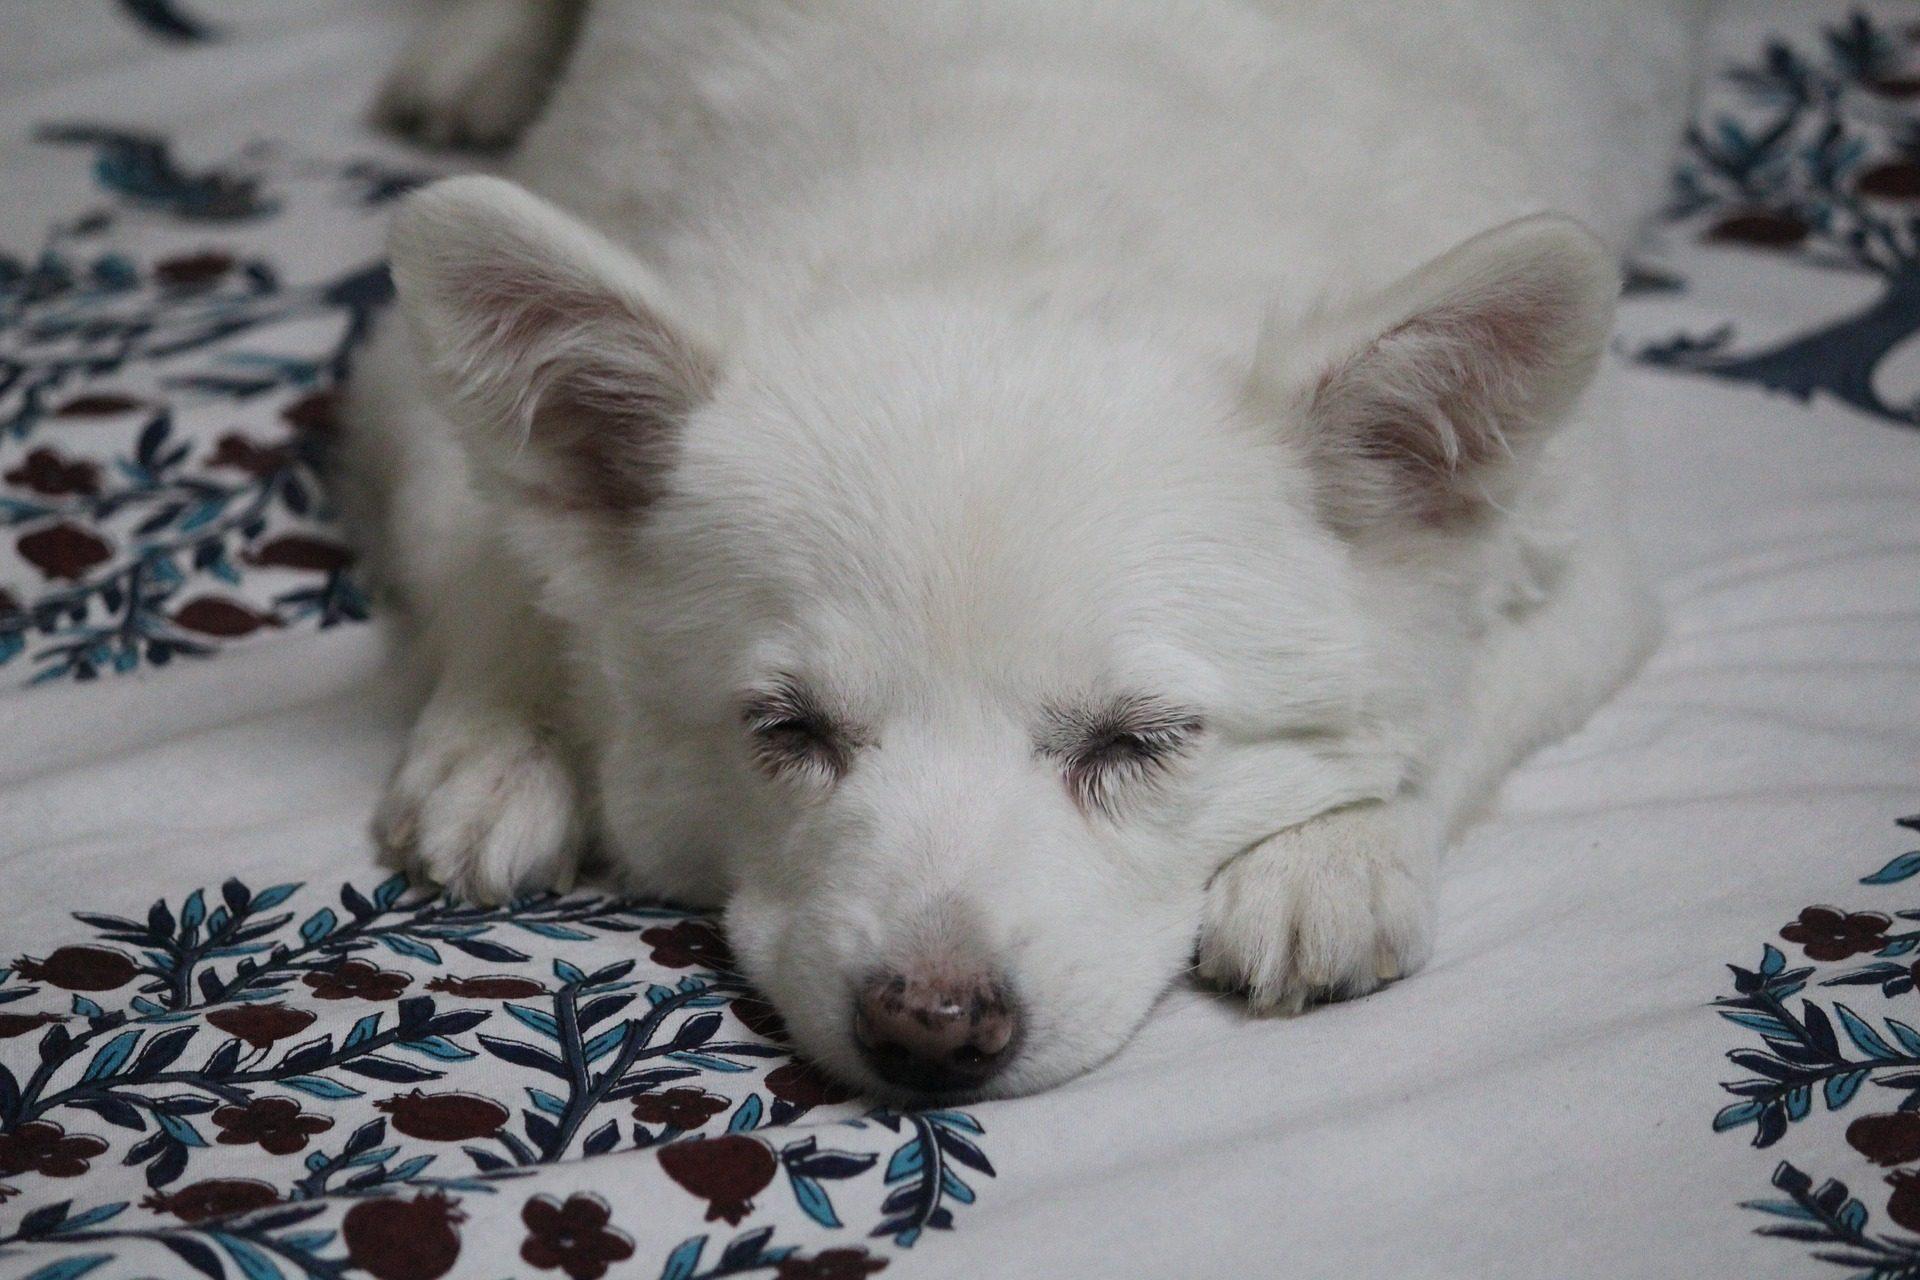 Hund, Haustier, schlafen, Rest, Entspannen Sie sich - Wallpaper HD - Prof.-falken.com